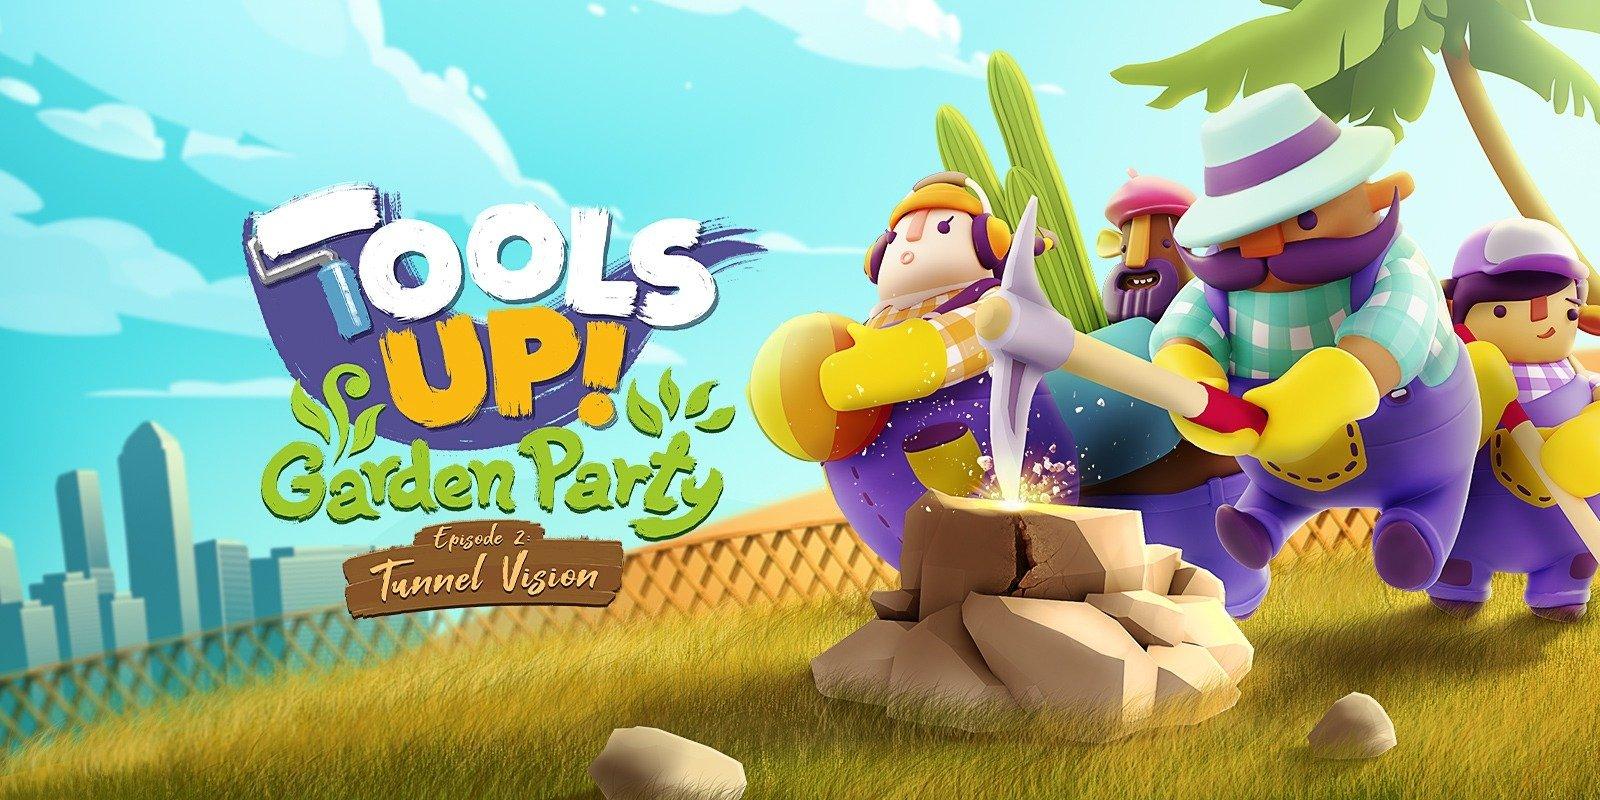 Ahoj kreciku! – w nowym DLC do Tools Up! podziemny gryzoń dołoży pracy ogrodnikom. Ale OK, bo jest uroczy…